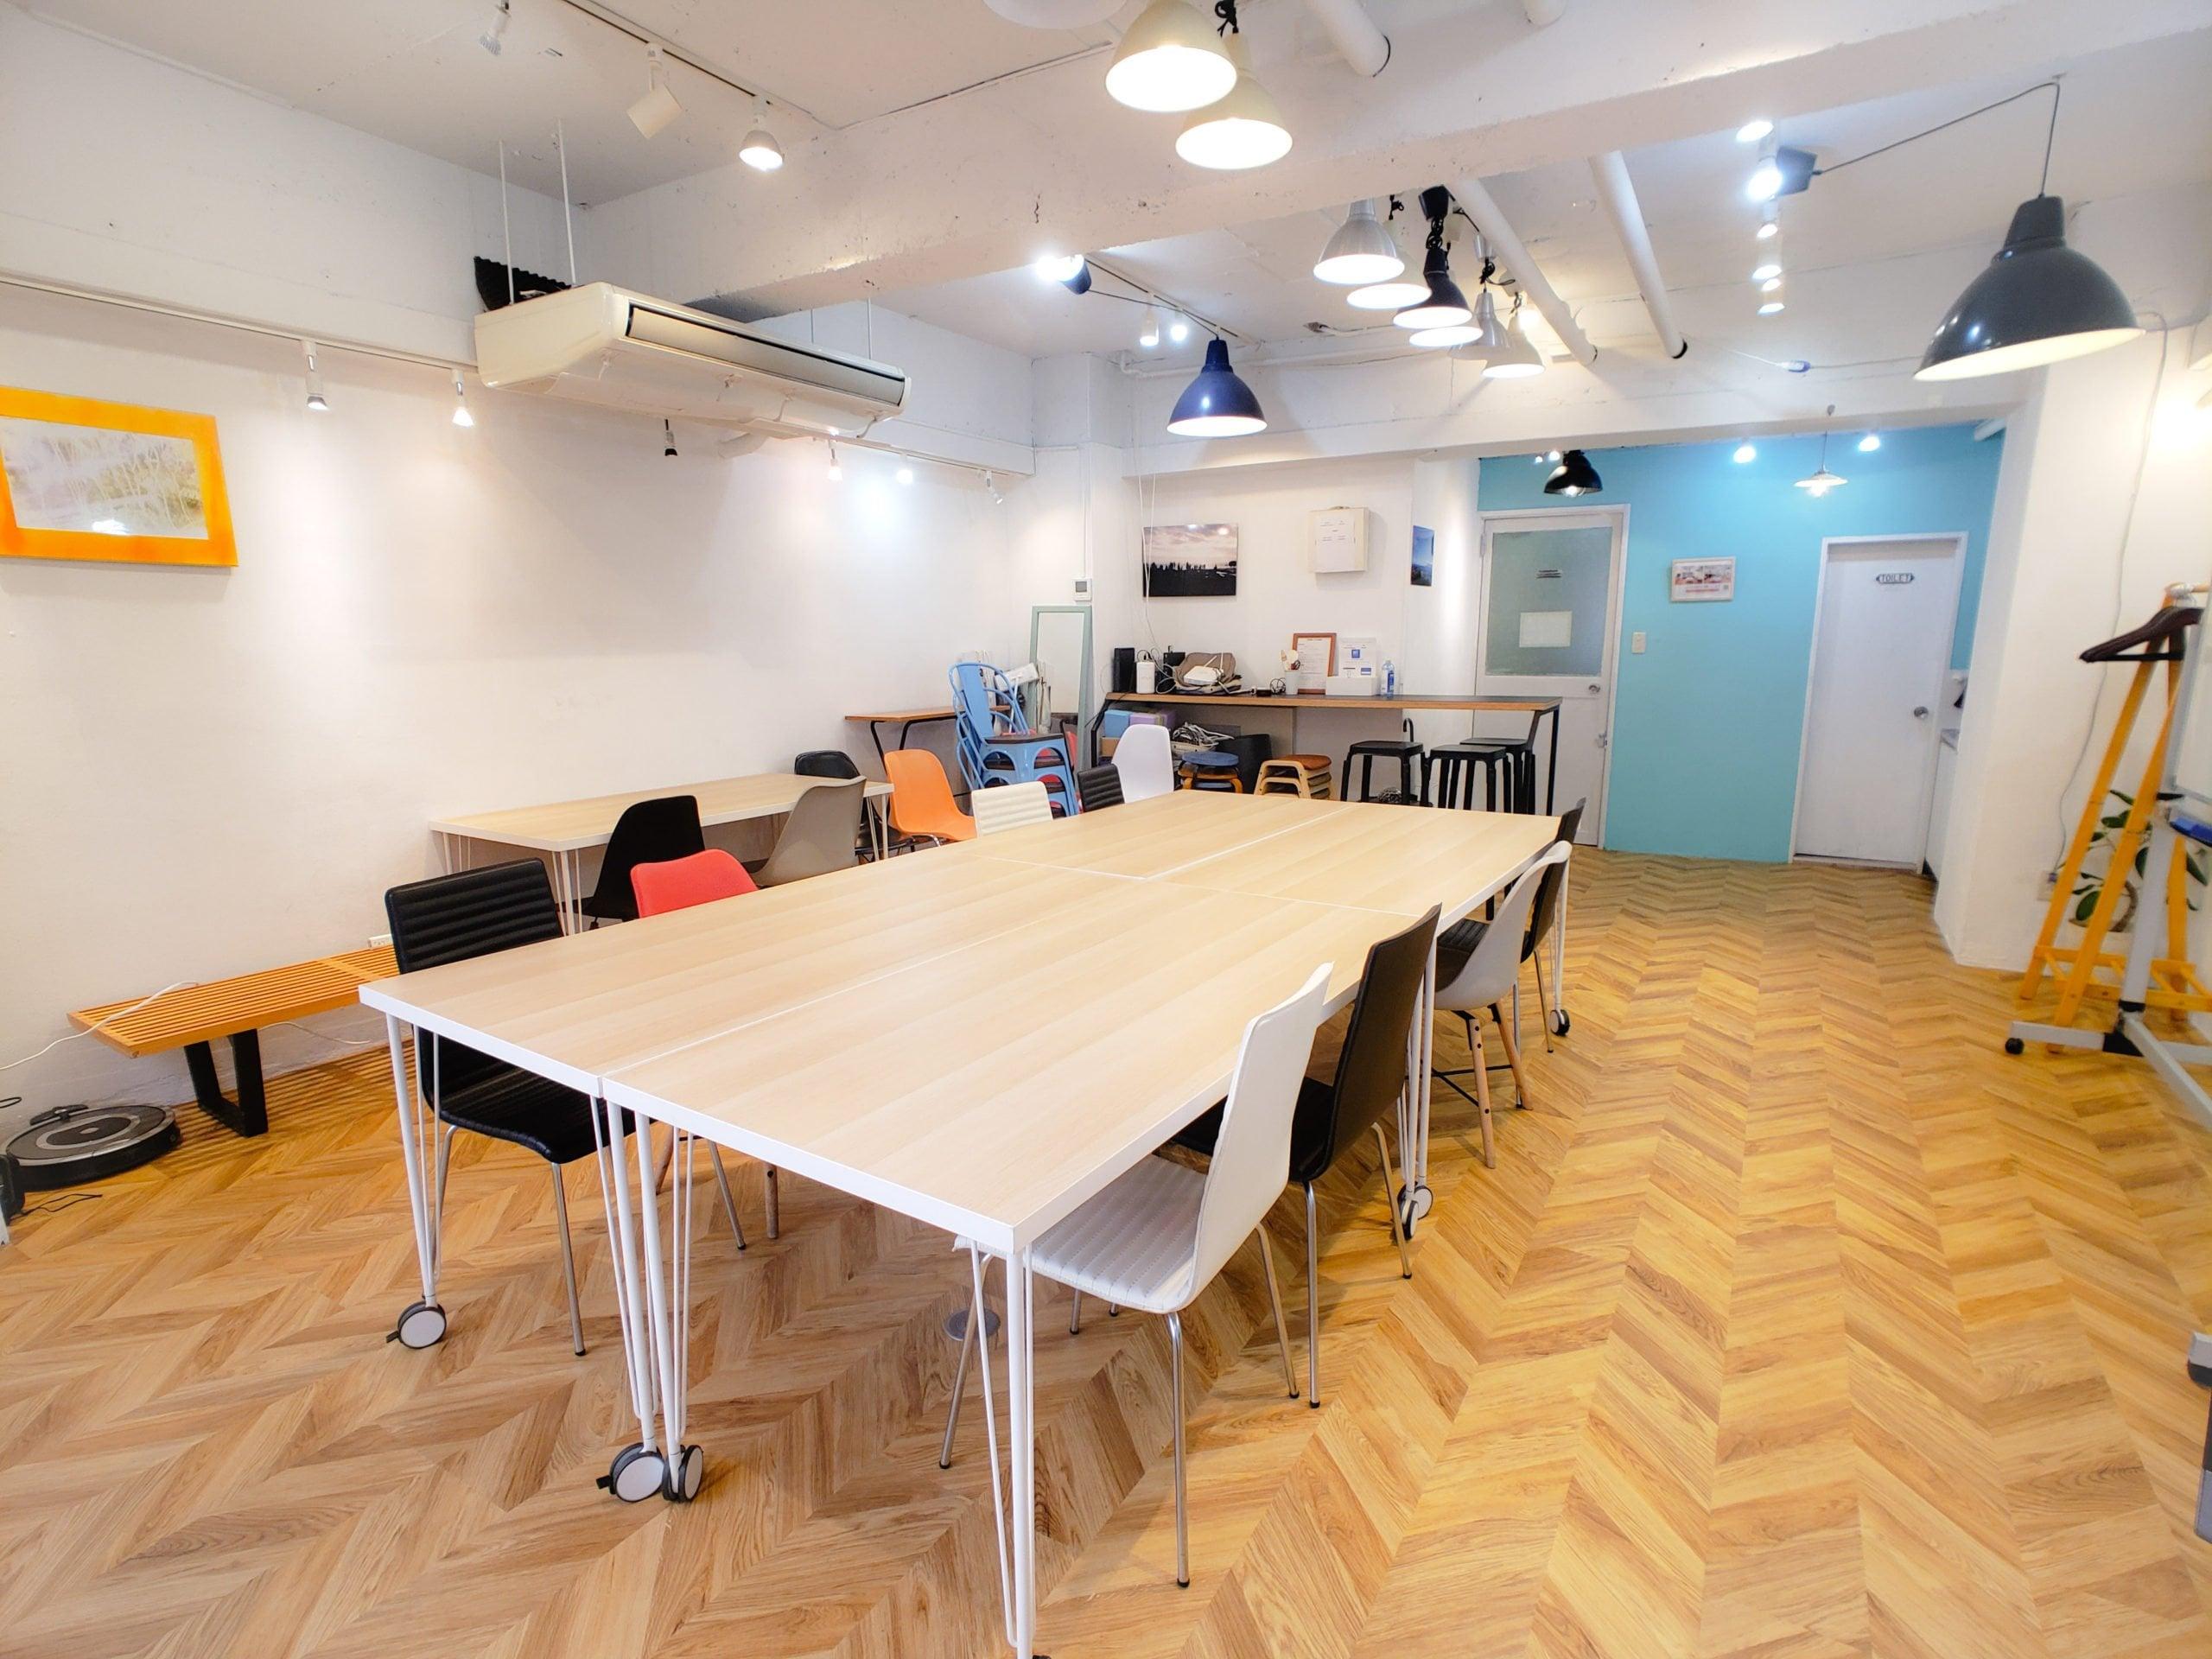 レンタルスペース・WEB会議・研修スペース・渋谷スタジオケムス1時間利用料金のイメージその2